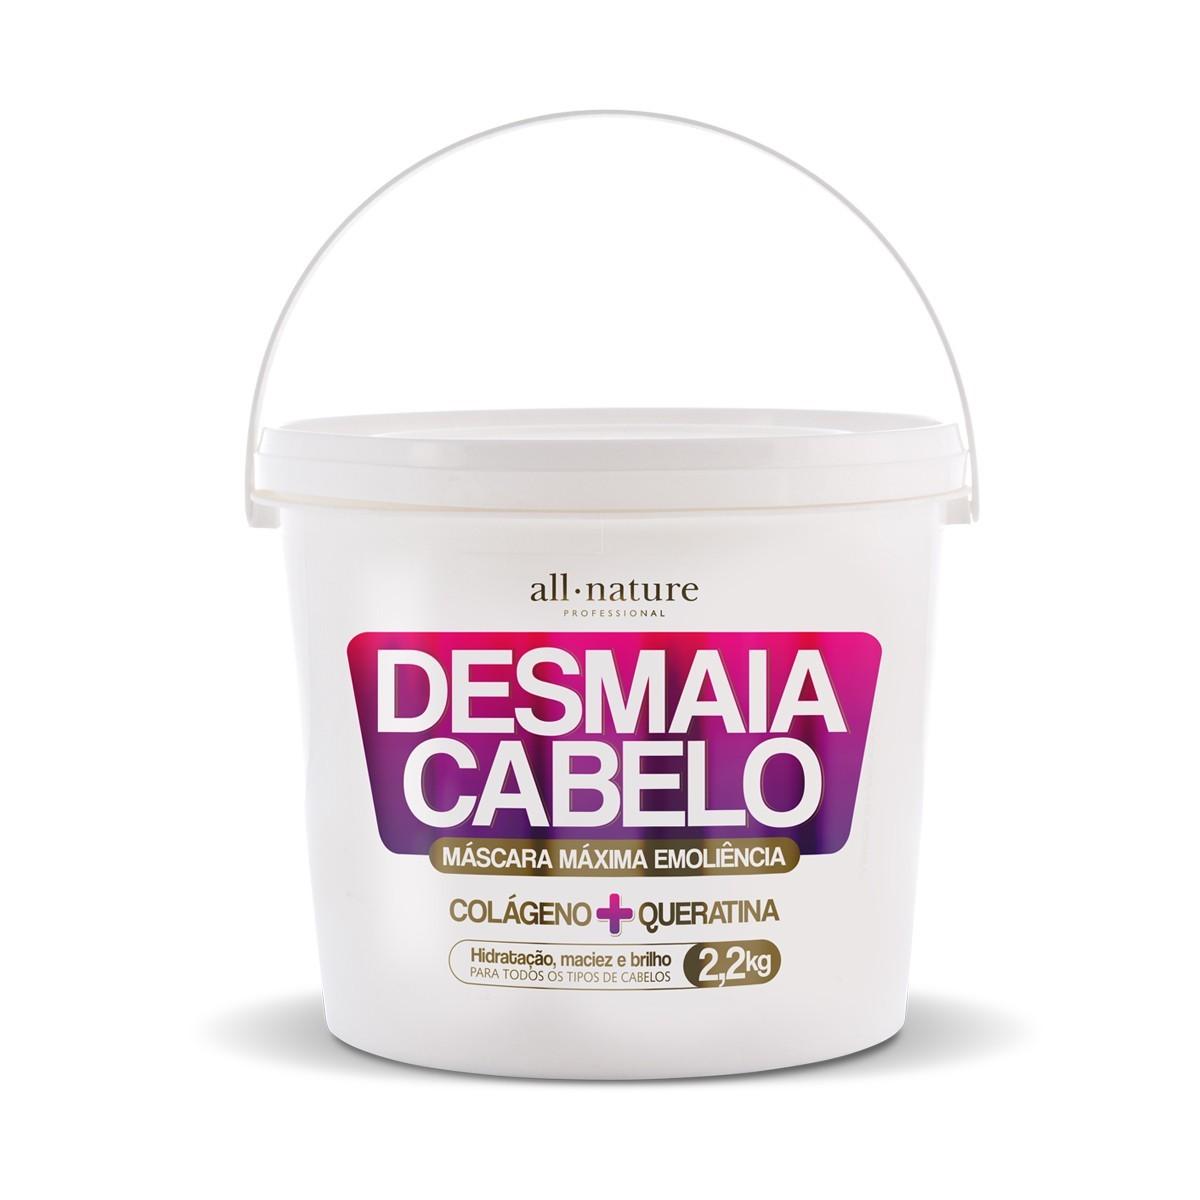 Máscara Desmaia Cabelo 2,2 Kg Colágeno+Queratina - All Nature